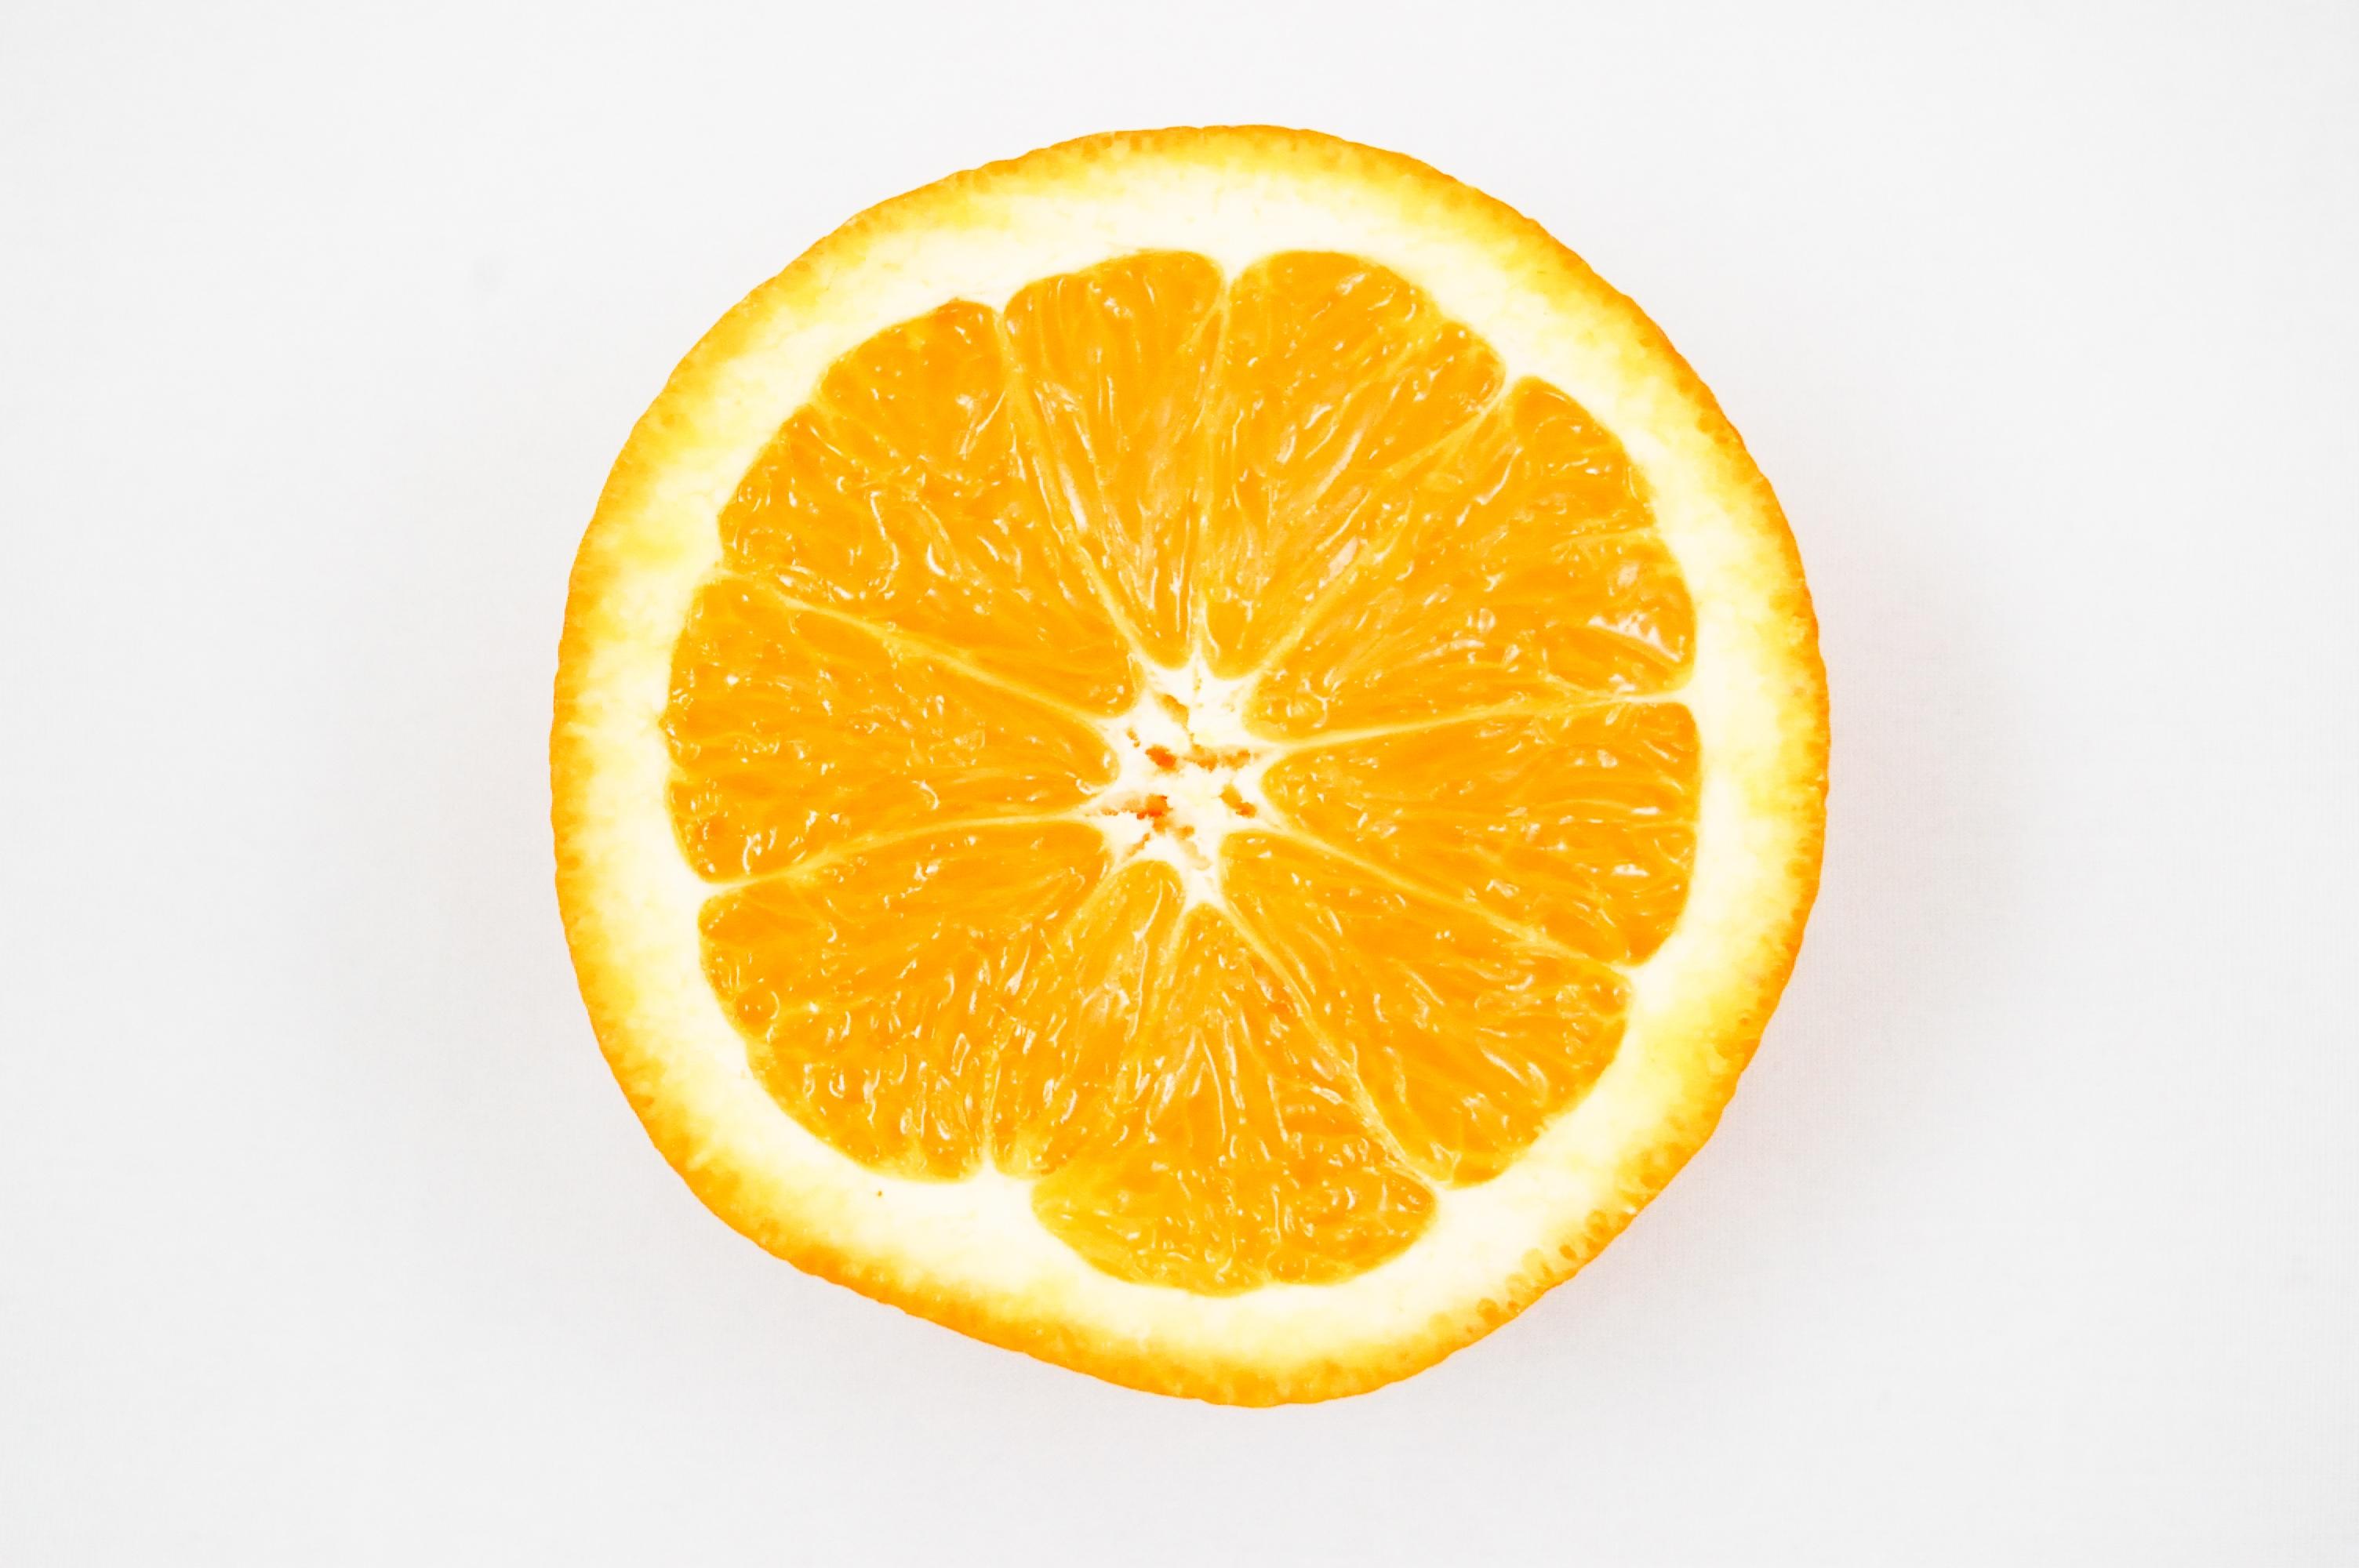 Orange Fruit · Free Stock Photo